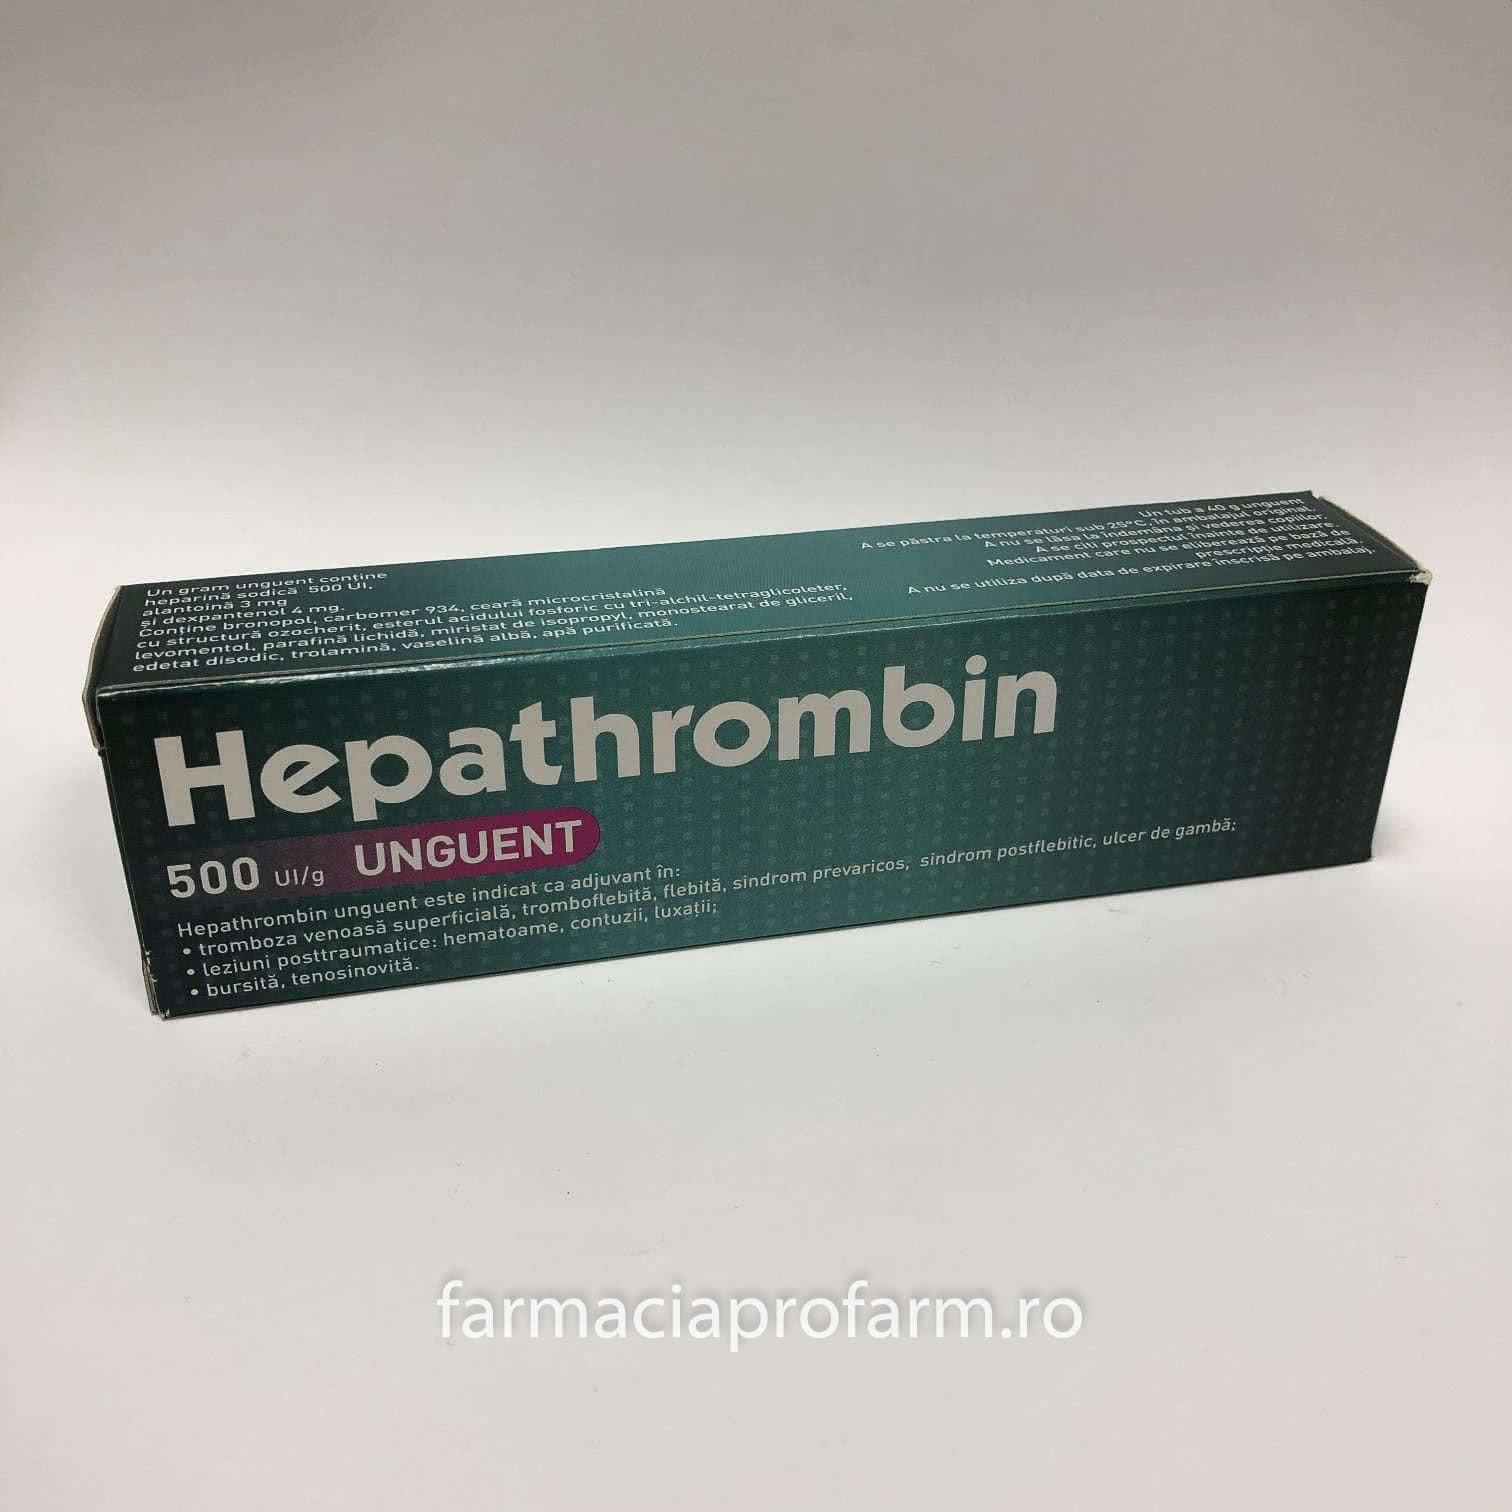 Unguent de heparină pentru negi